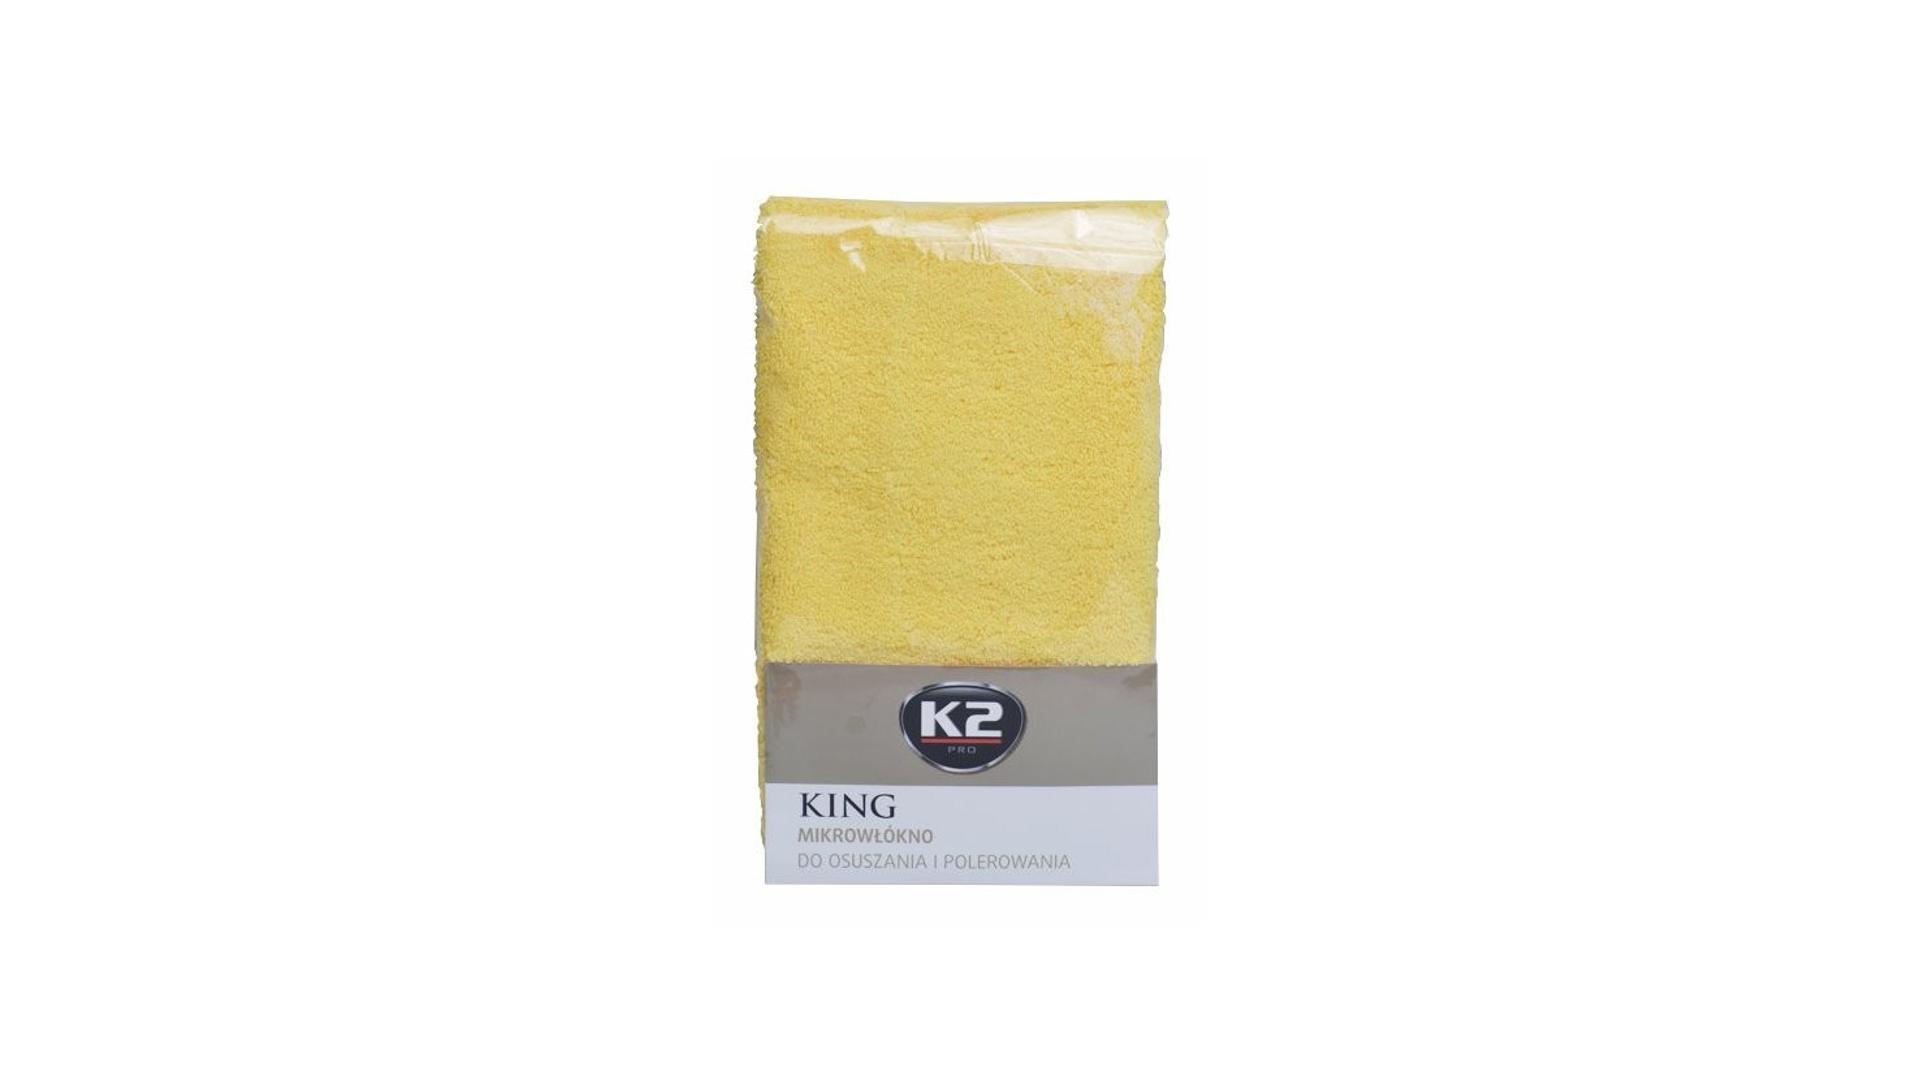 K2 Utěrka z mikrovlákna KING 60 x 40 cm